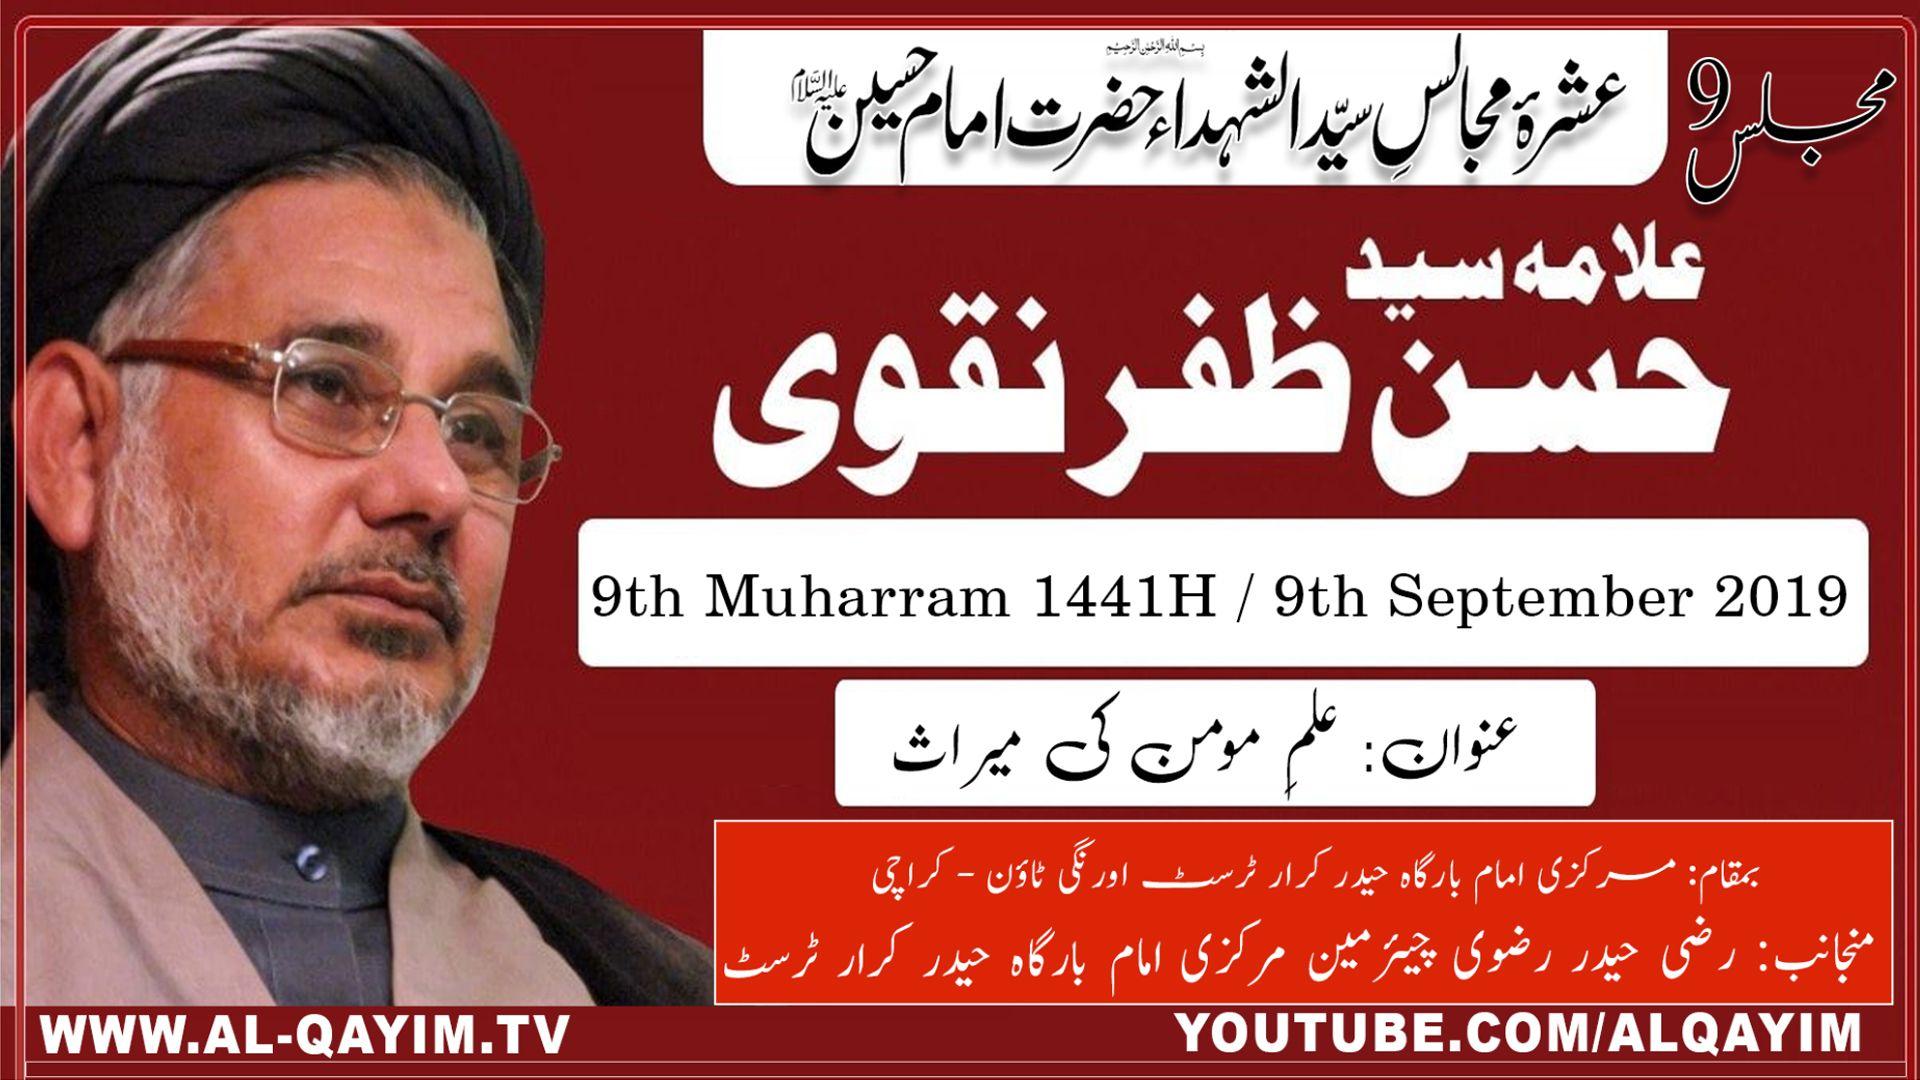 9th Muharram Majlis - 2019 - Moulana Hasan Zafar Naqvi - Imam Bargah Haider-e-Karar Orangi Town